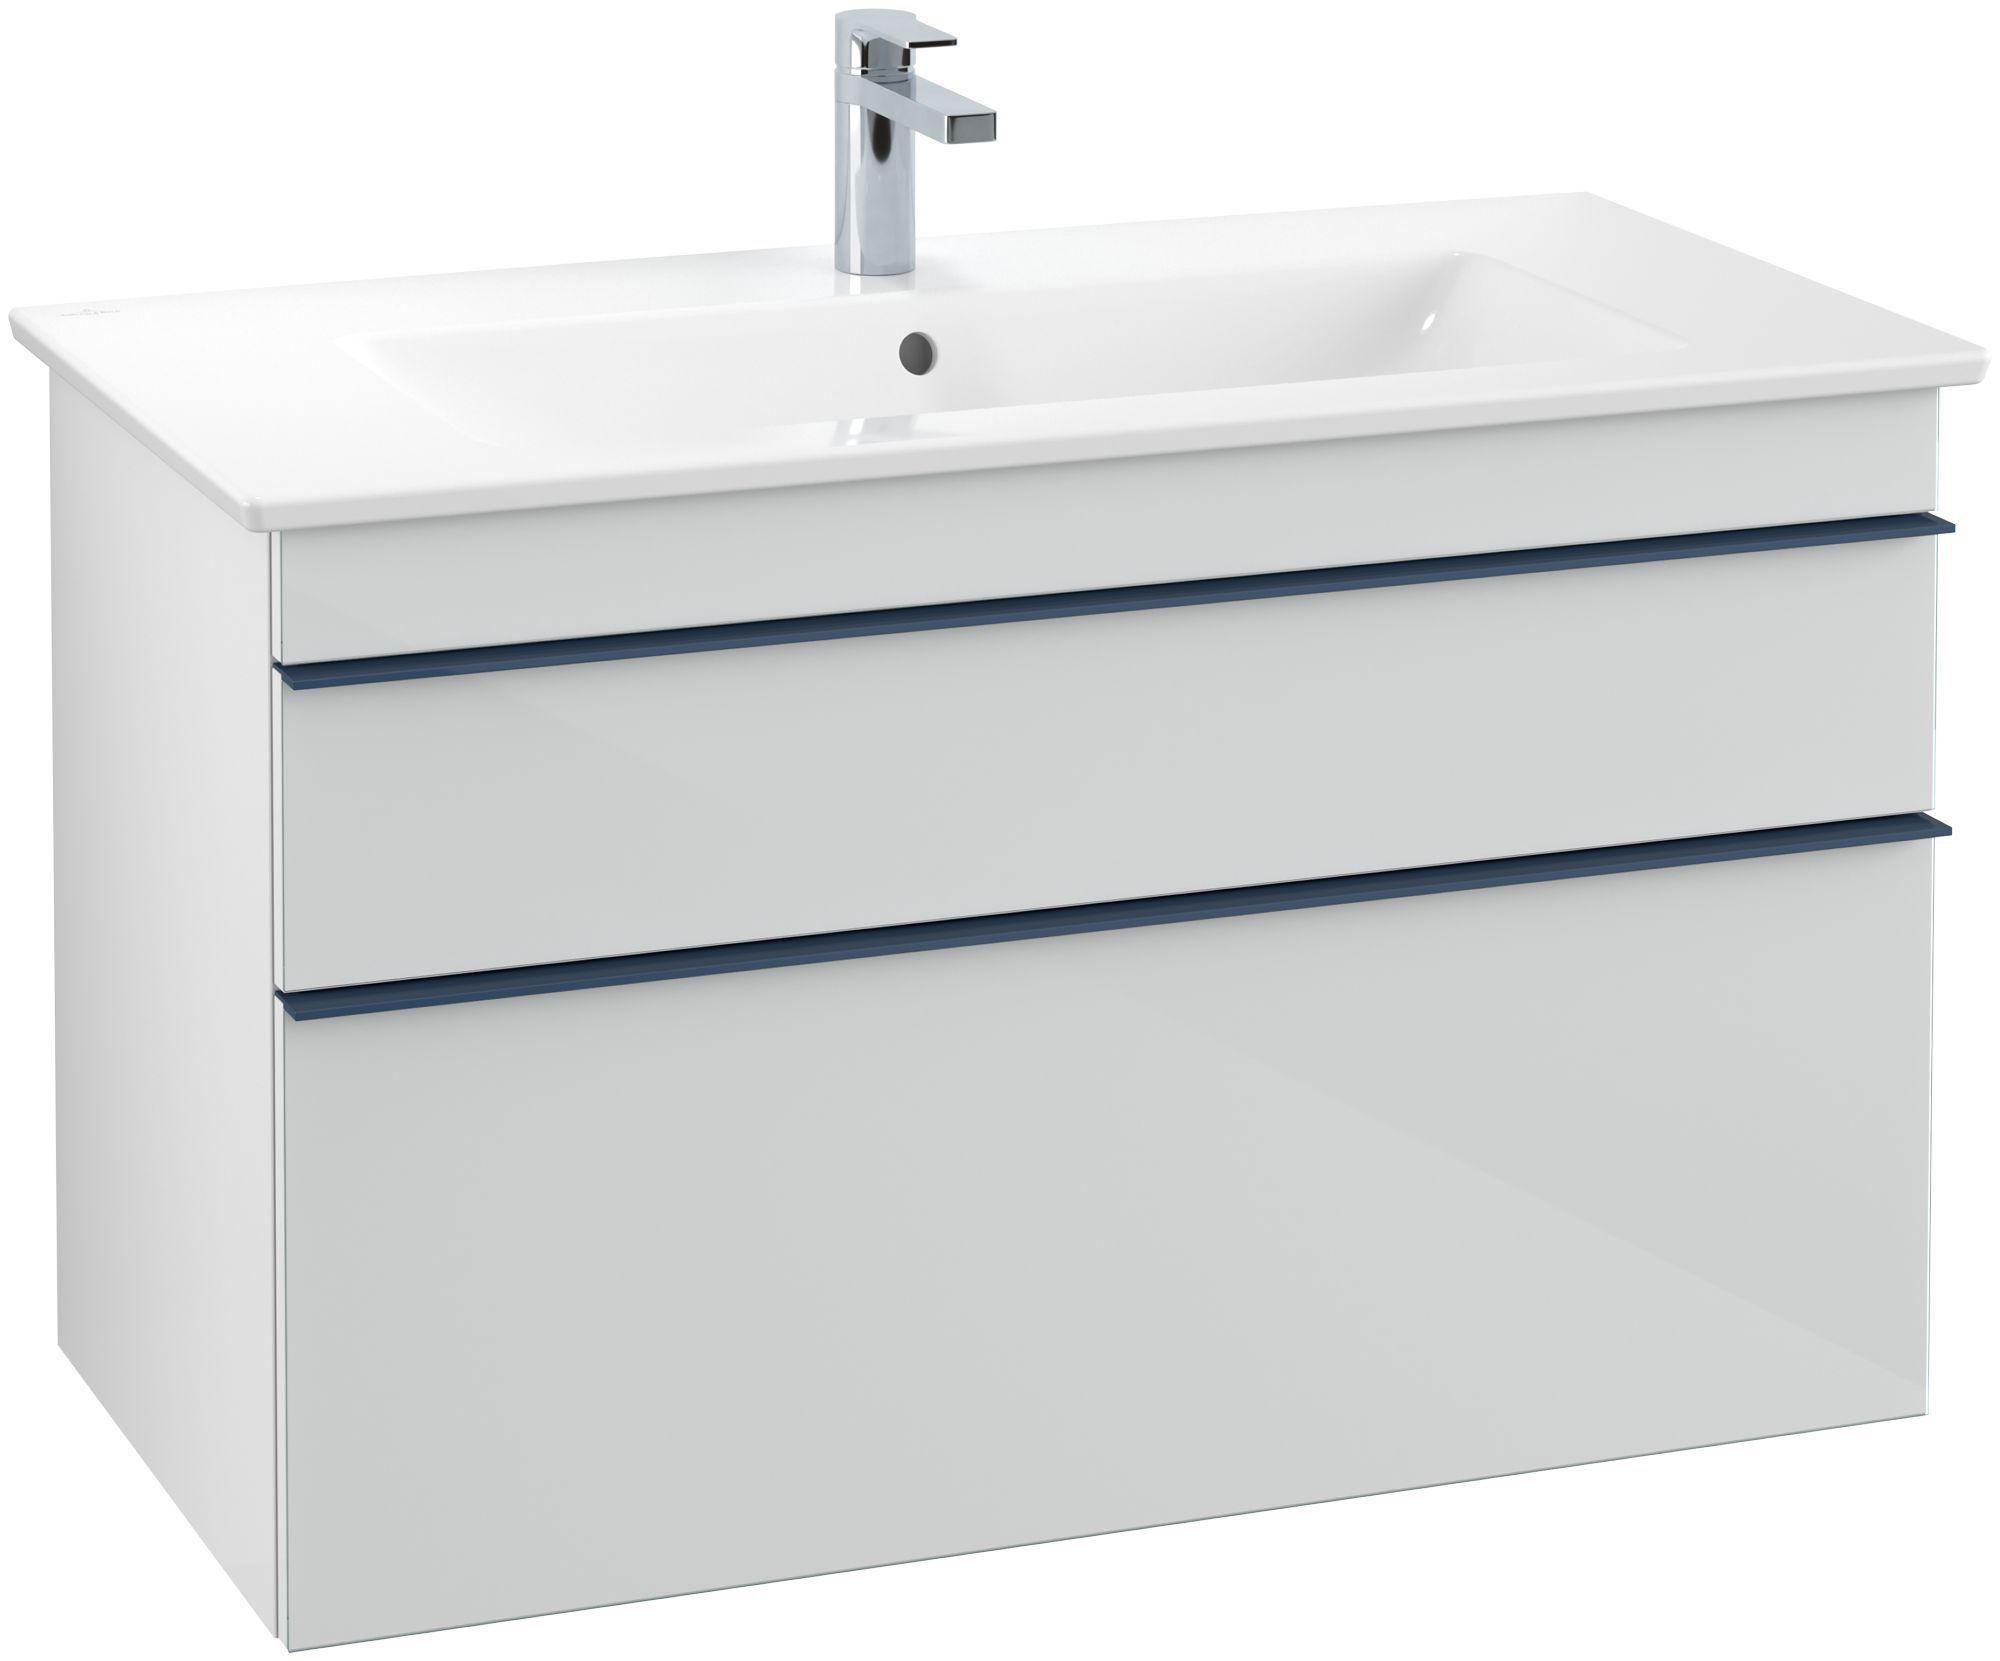 Villeroy & Boch Venticello Waschtischunterschrank 2 Auszüge B:95,3xH:59xT:50,2cm Glas glossy white Griffe blau Griffe blau A92604RE